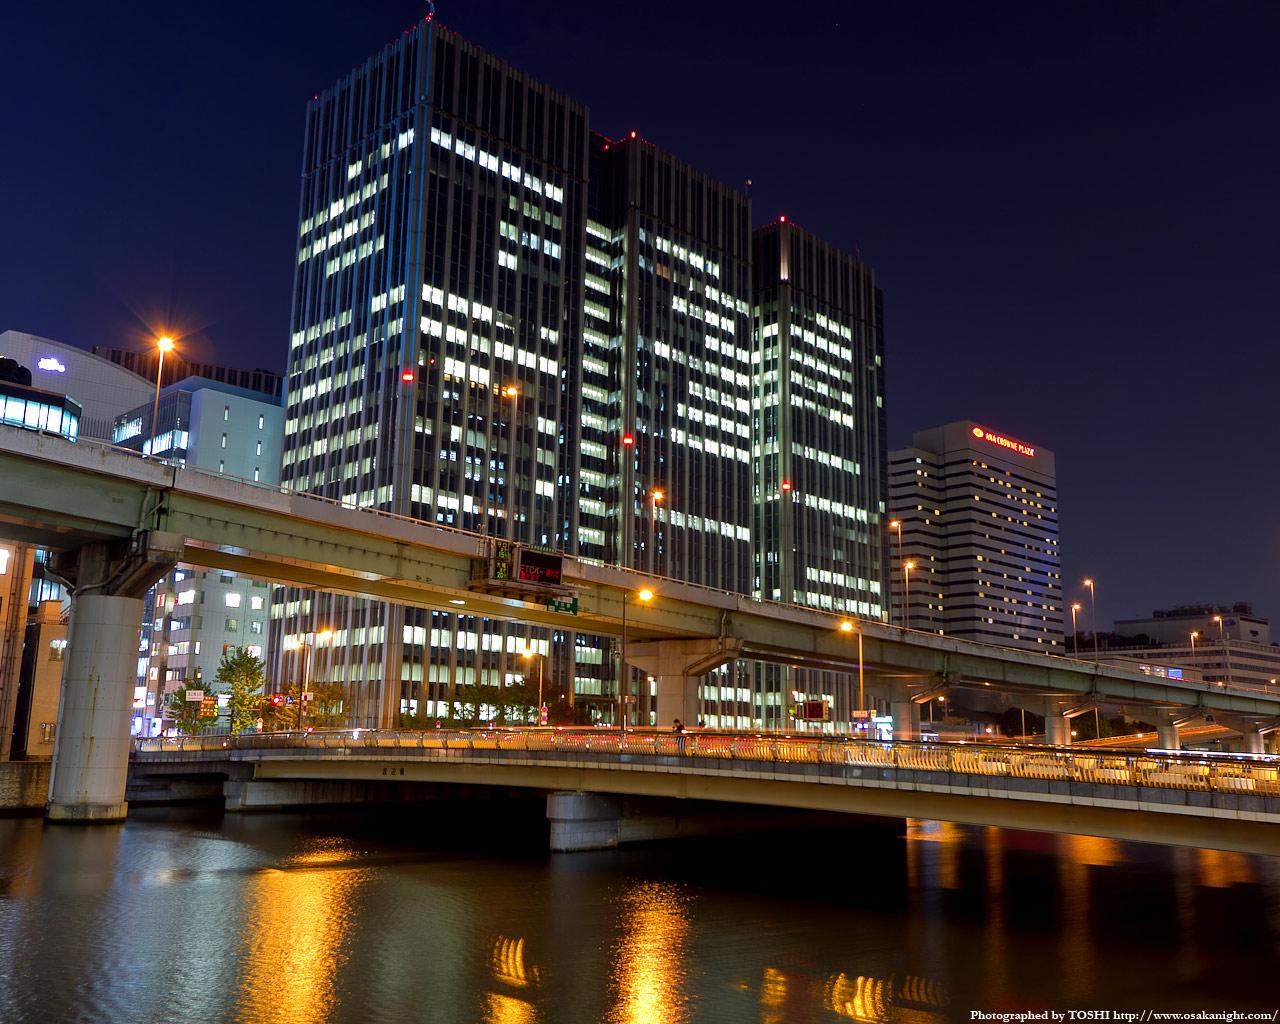 渡辺橋とアクア堂島ビル夜景